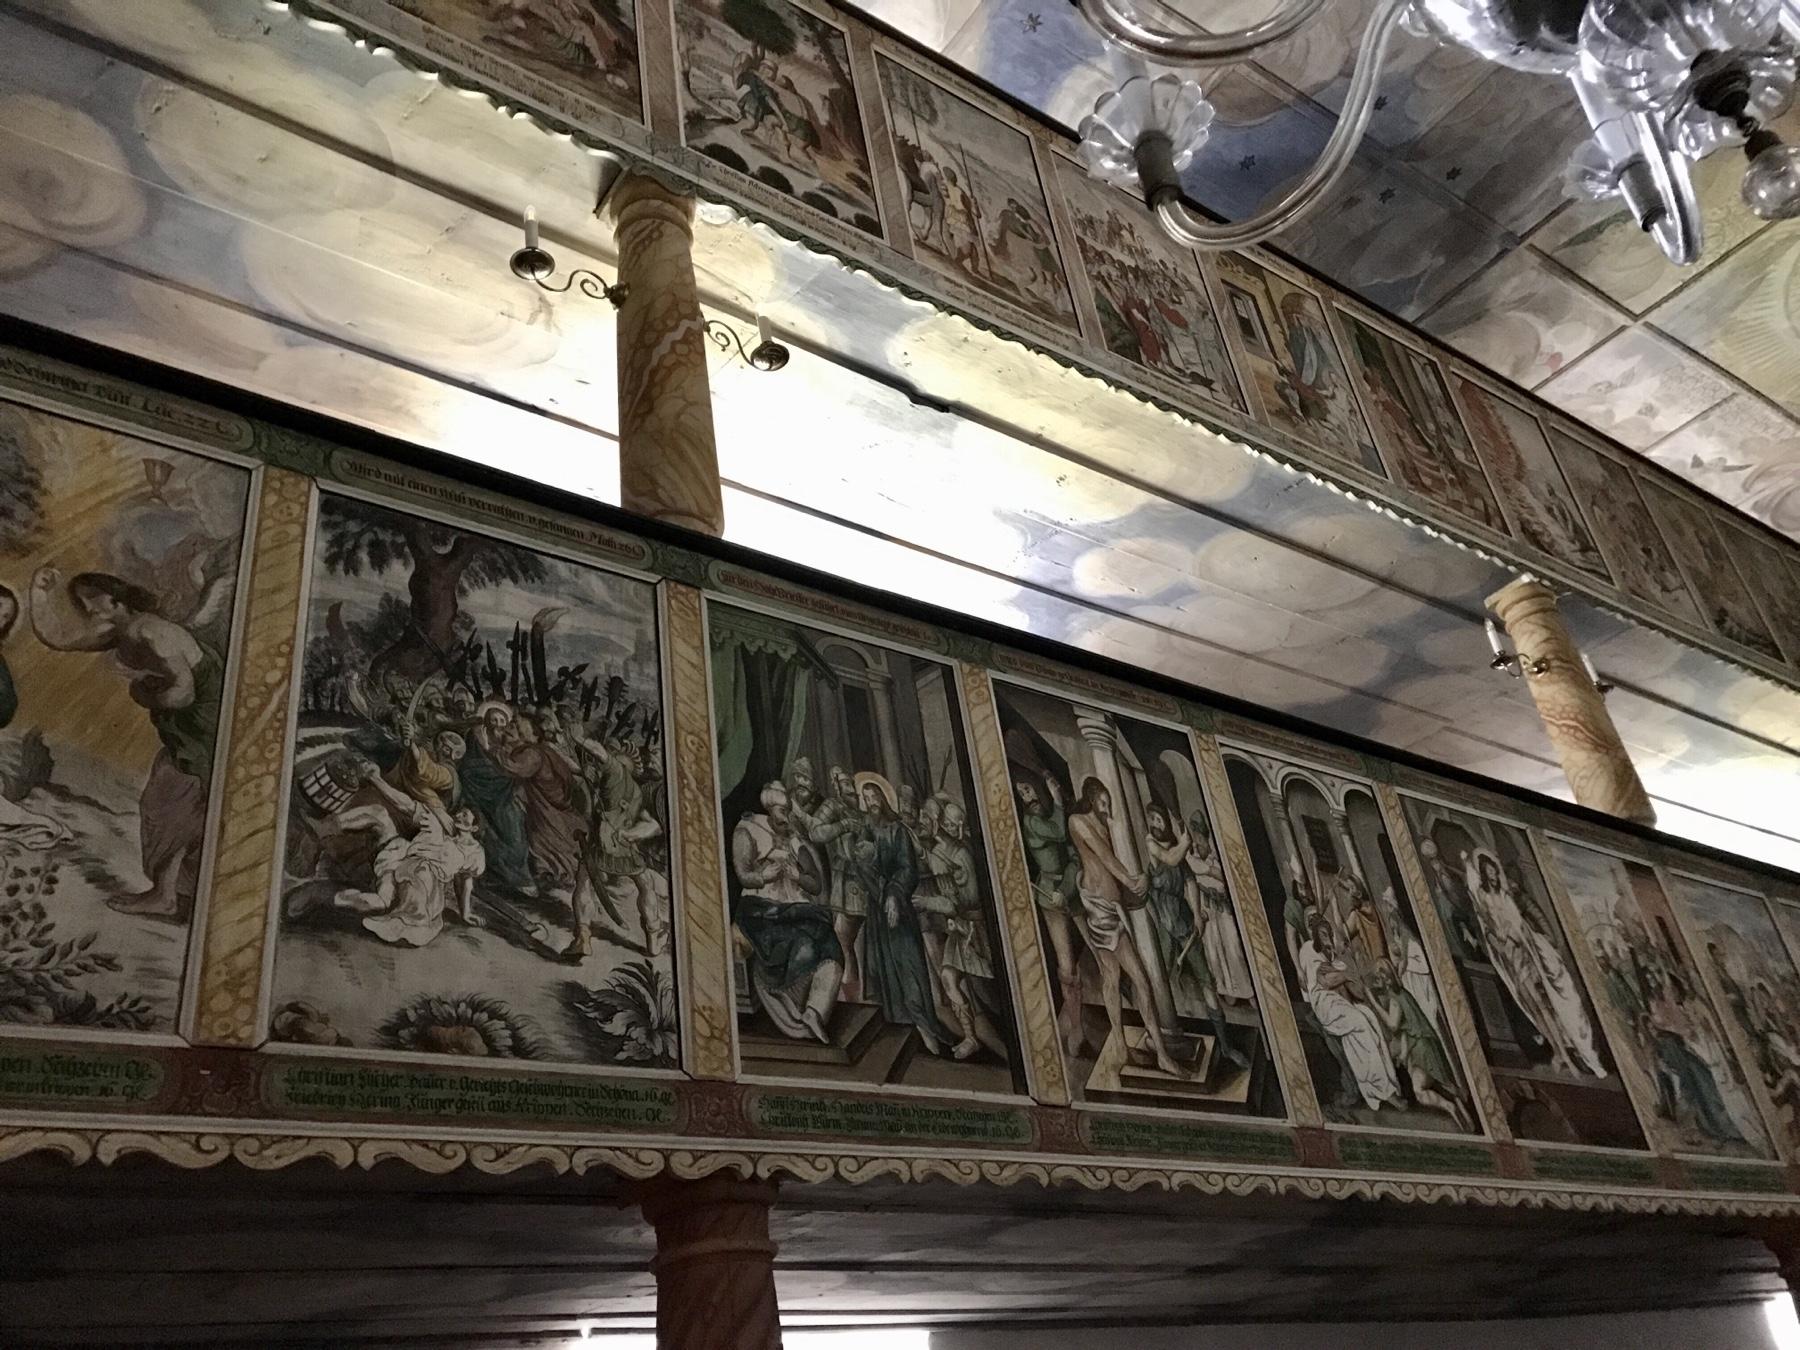 Malerei in der Kirche von Reinhardtsdorf, Malerweg Etappe 6, von Schmilka nach Gohrisch